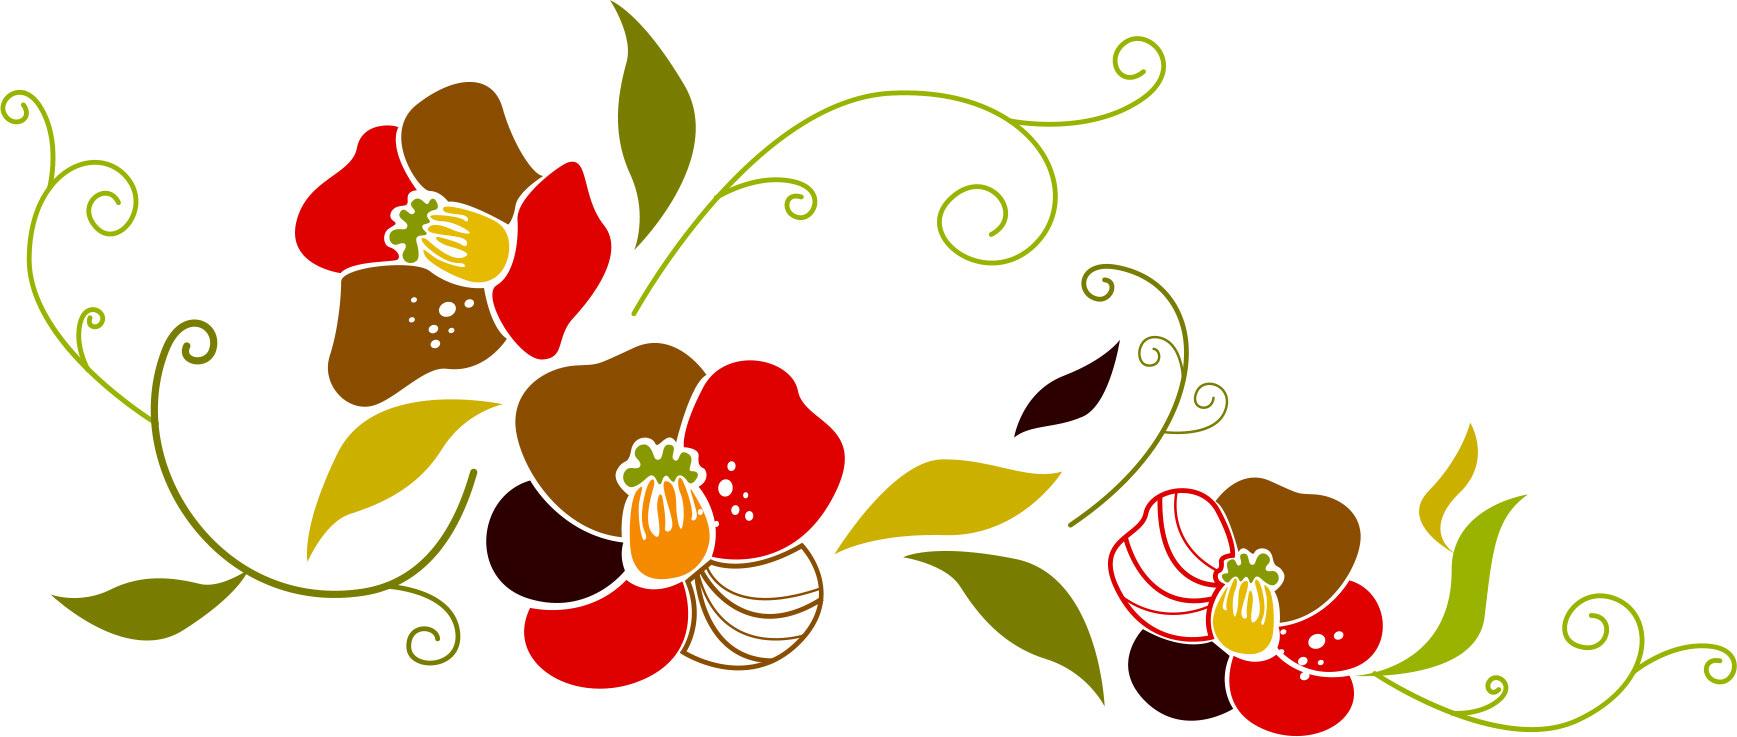 冬の画像サンプル-椿の花-ポップ